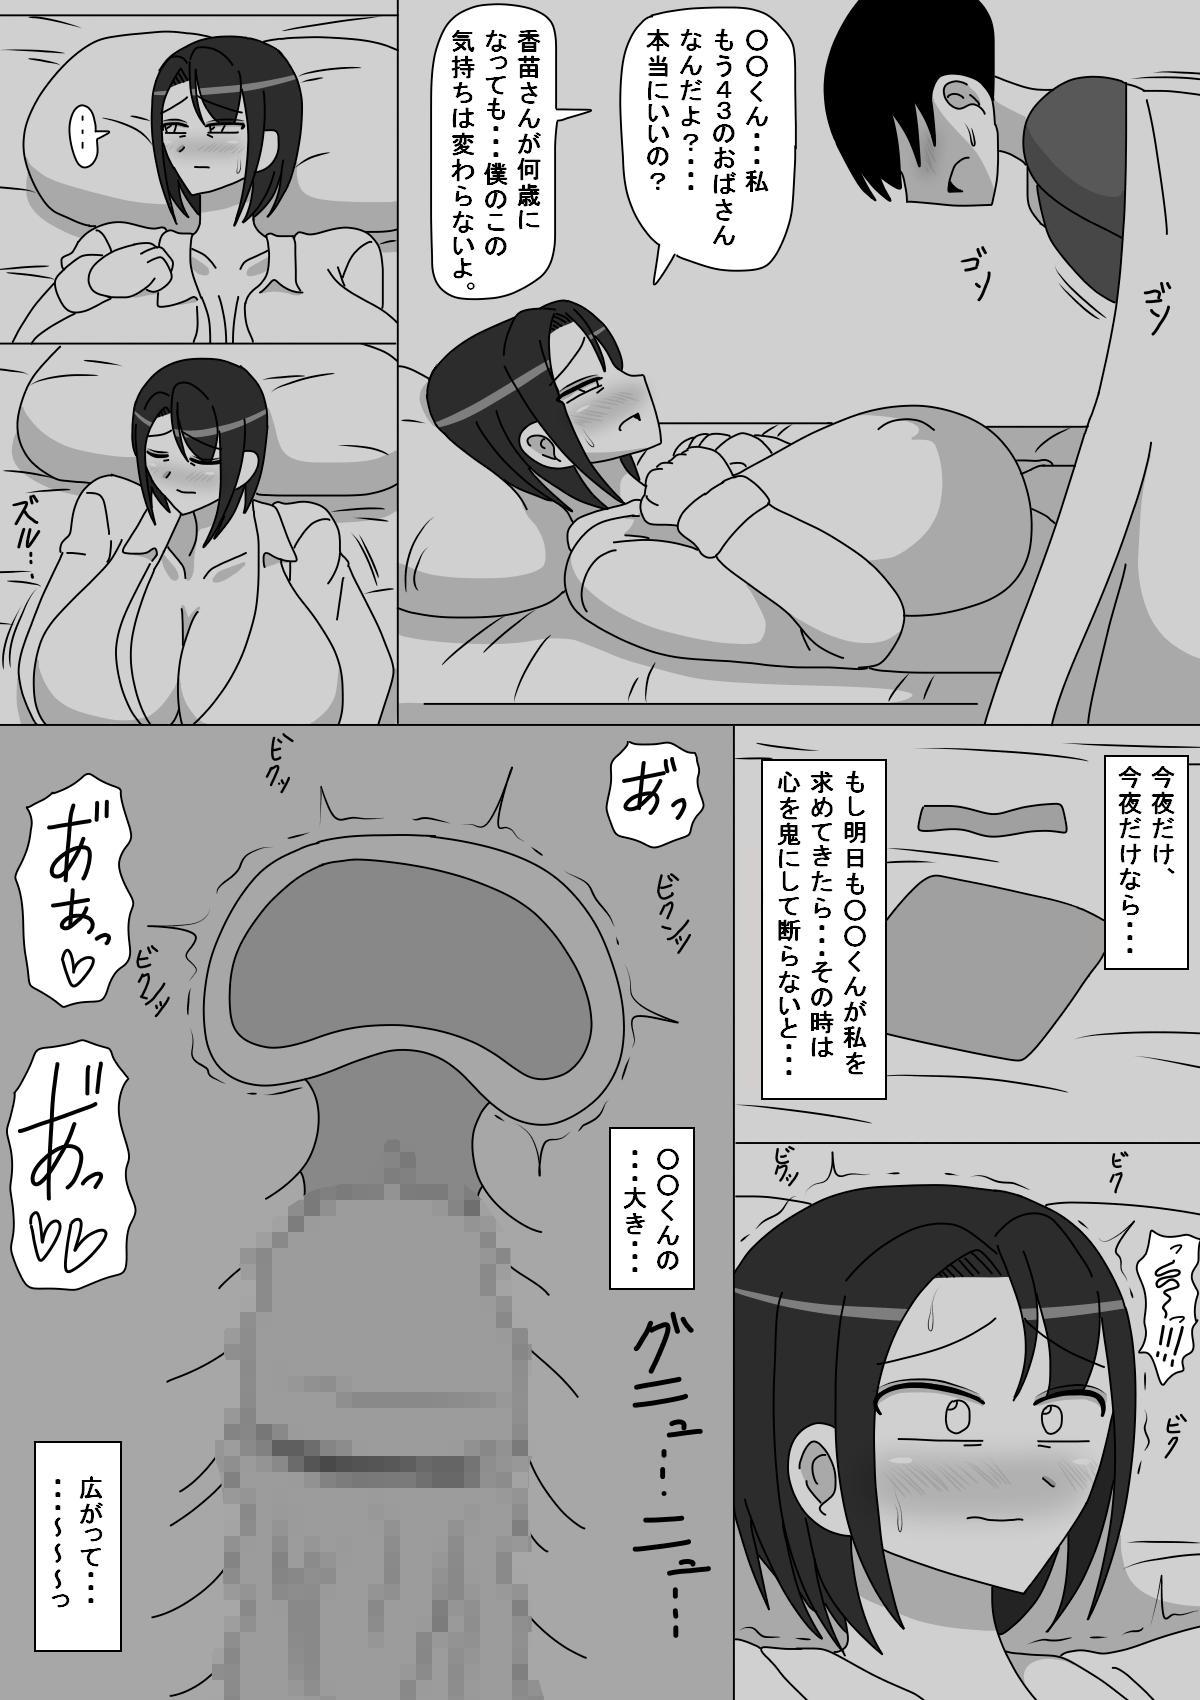 Kanae-san 8